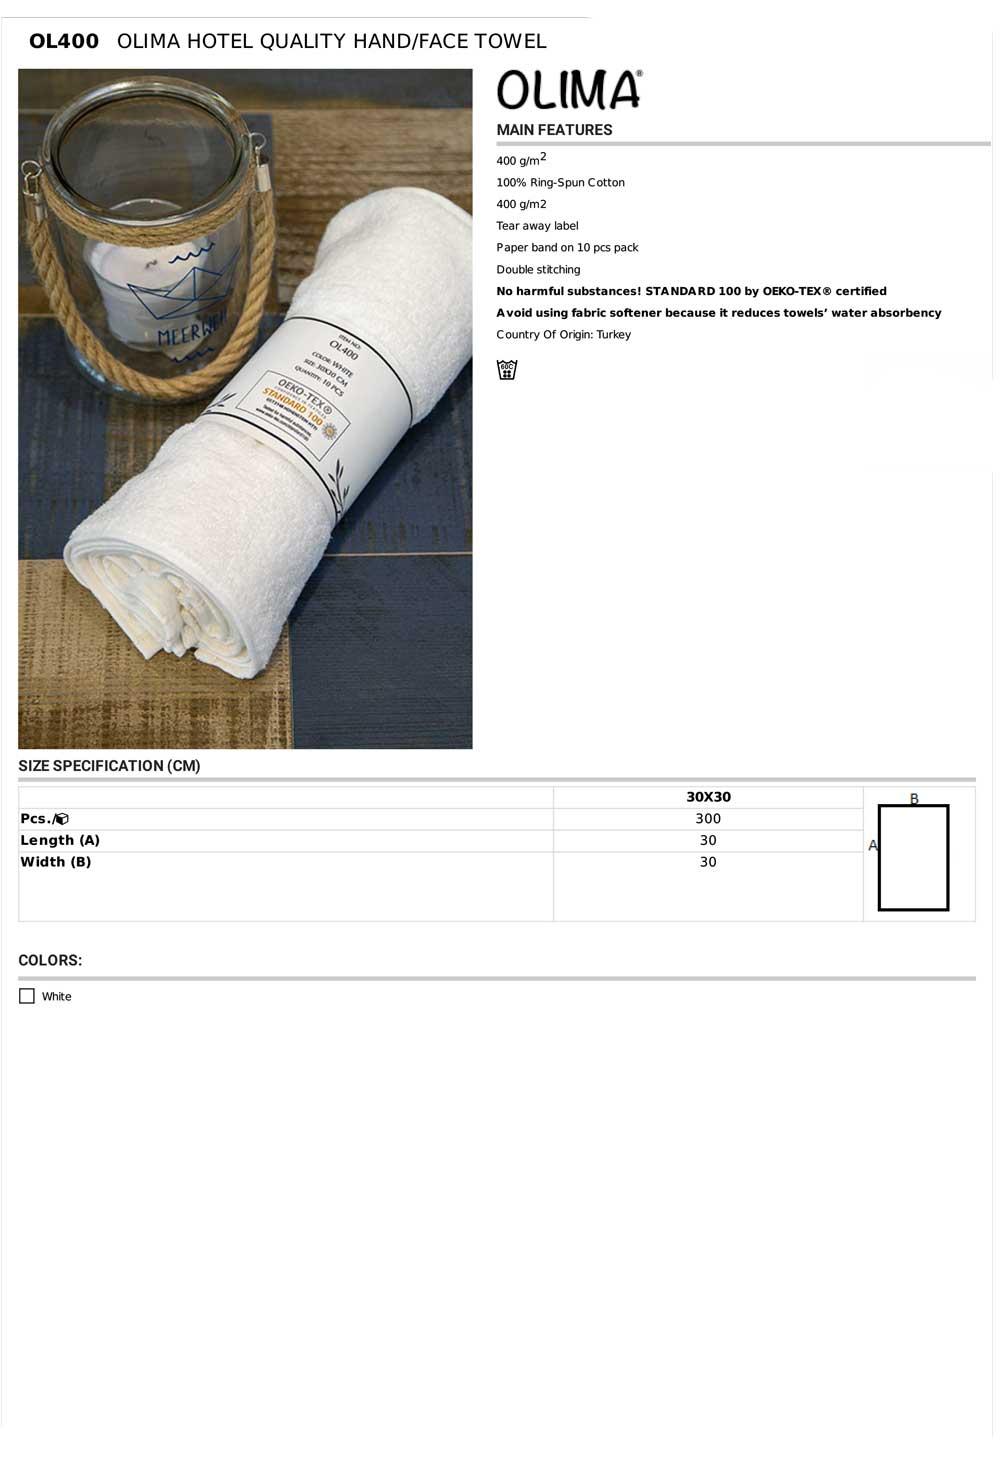 OL400 Specifikacije